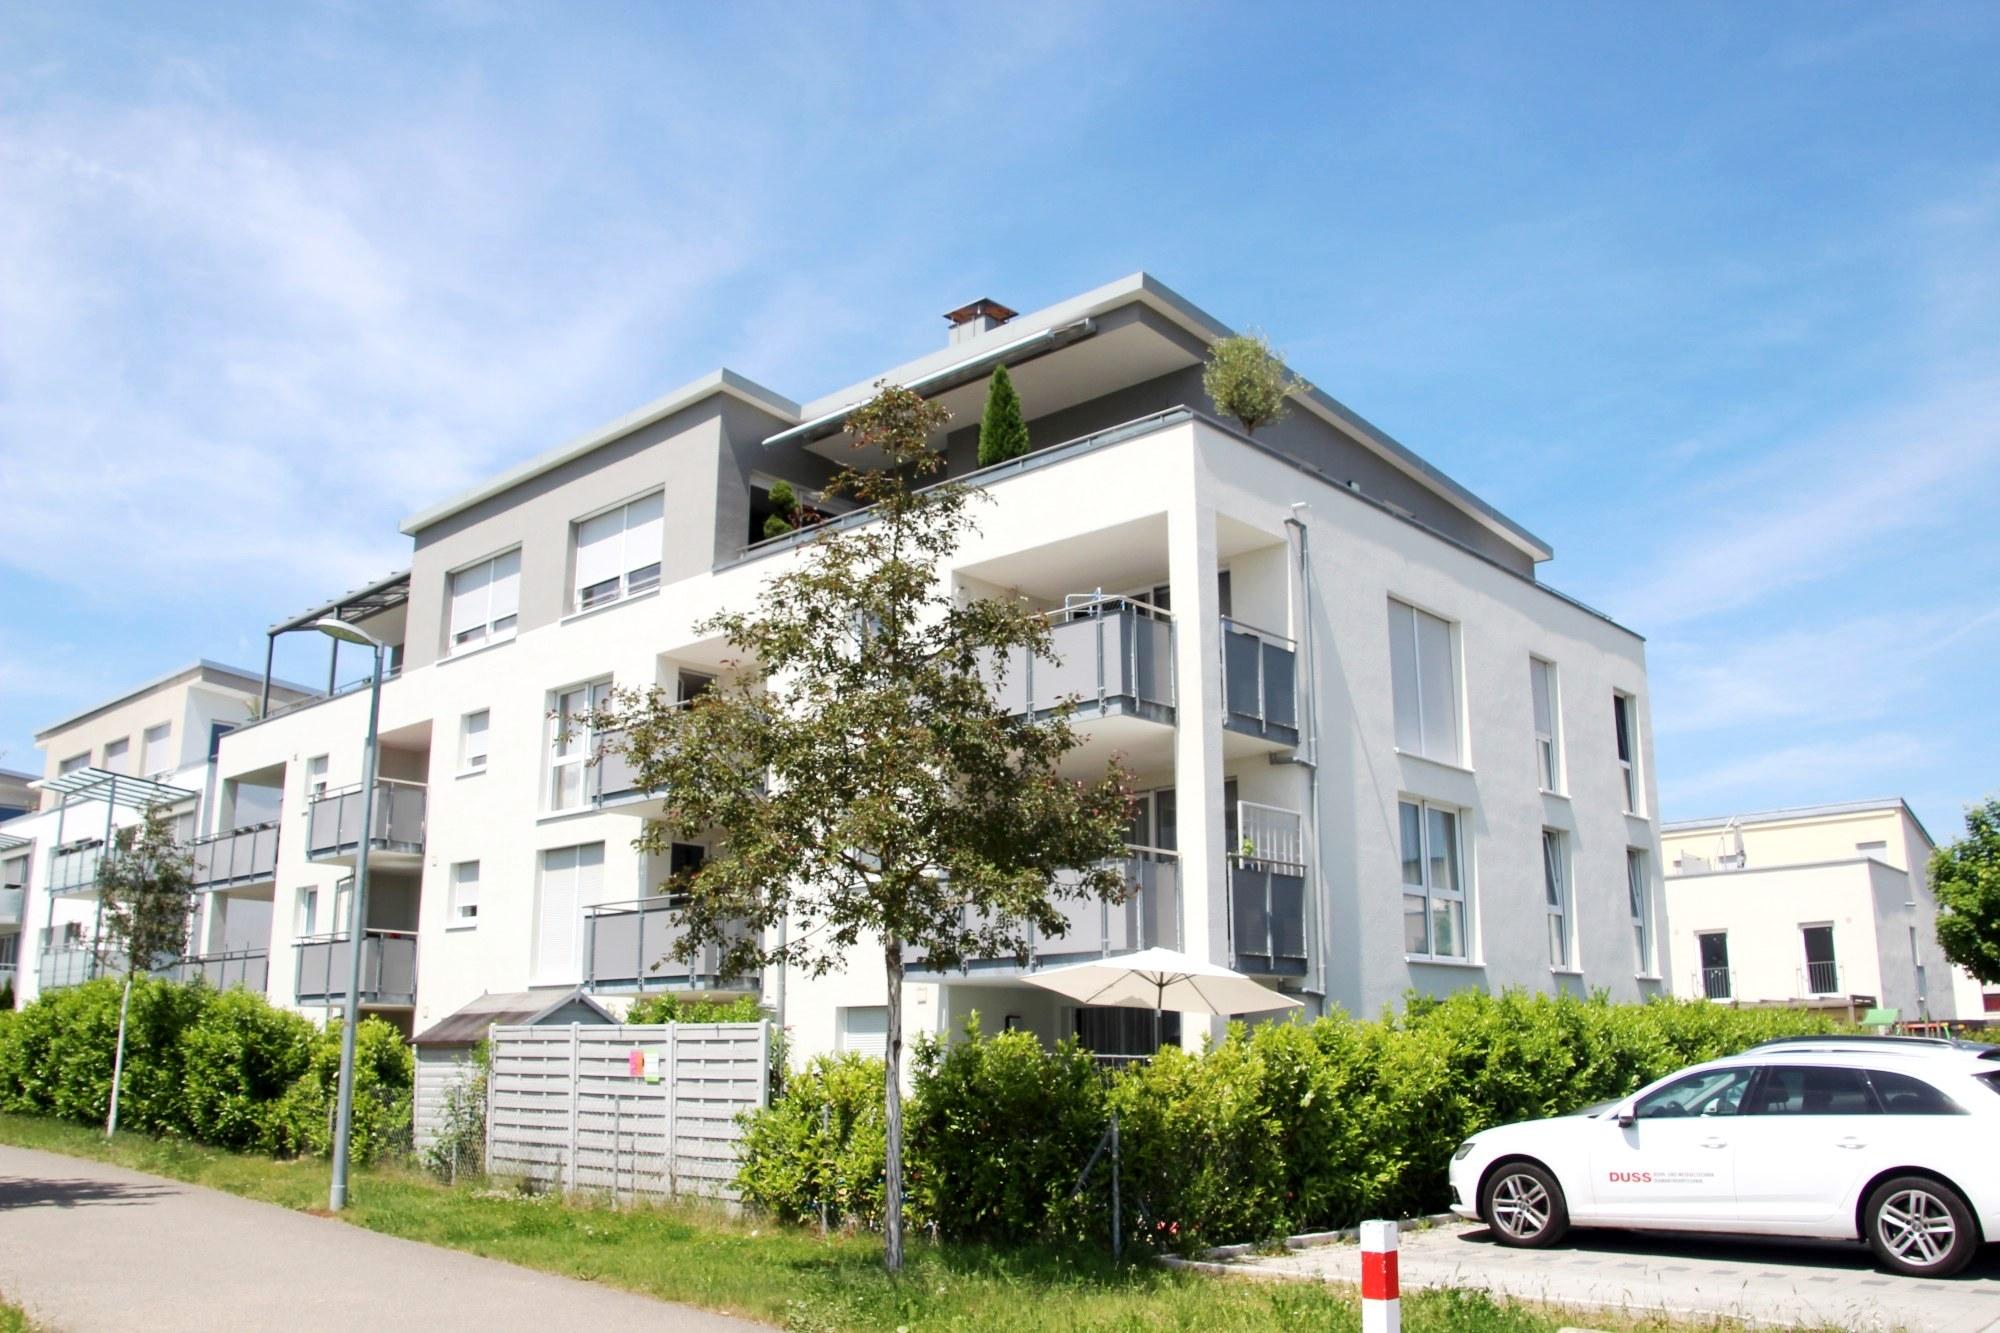 2013 | 12-Familienhaus Hilde-Coppi-Straße in Sindelfingen-Maichingen, Architekt Dipl. Ing. Sandra Rapino